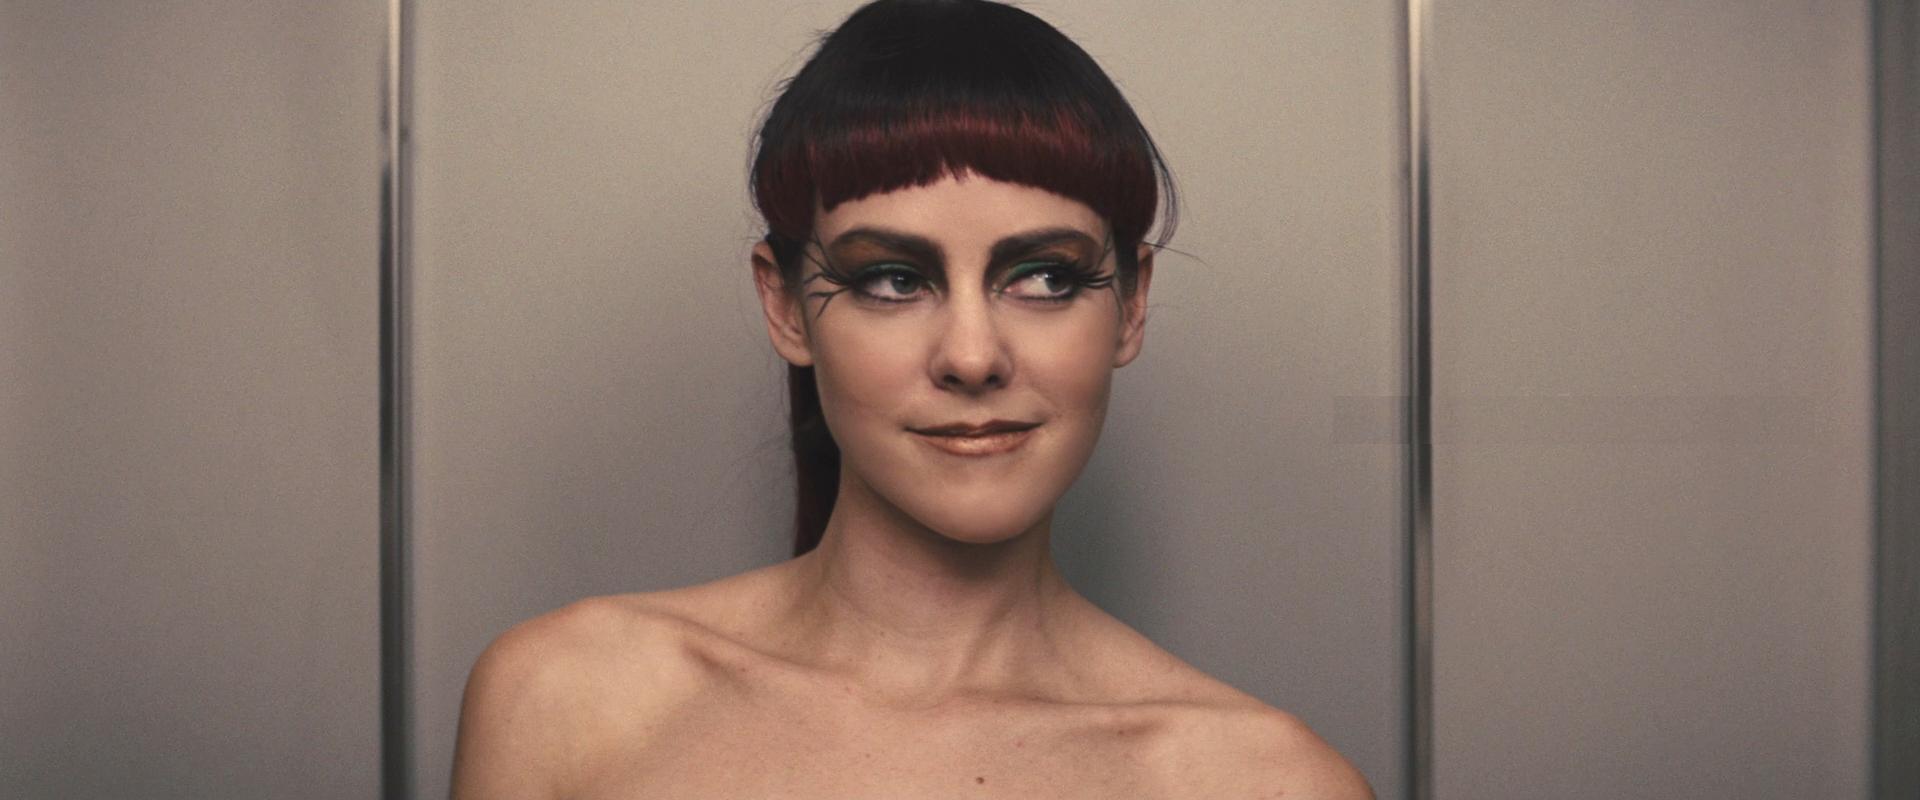 Jena Malone desnuda, Los Juegos del Hambre y la